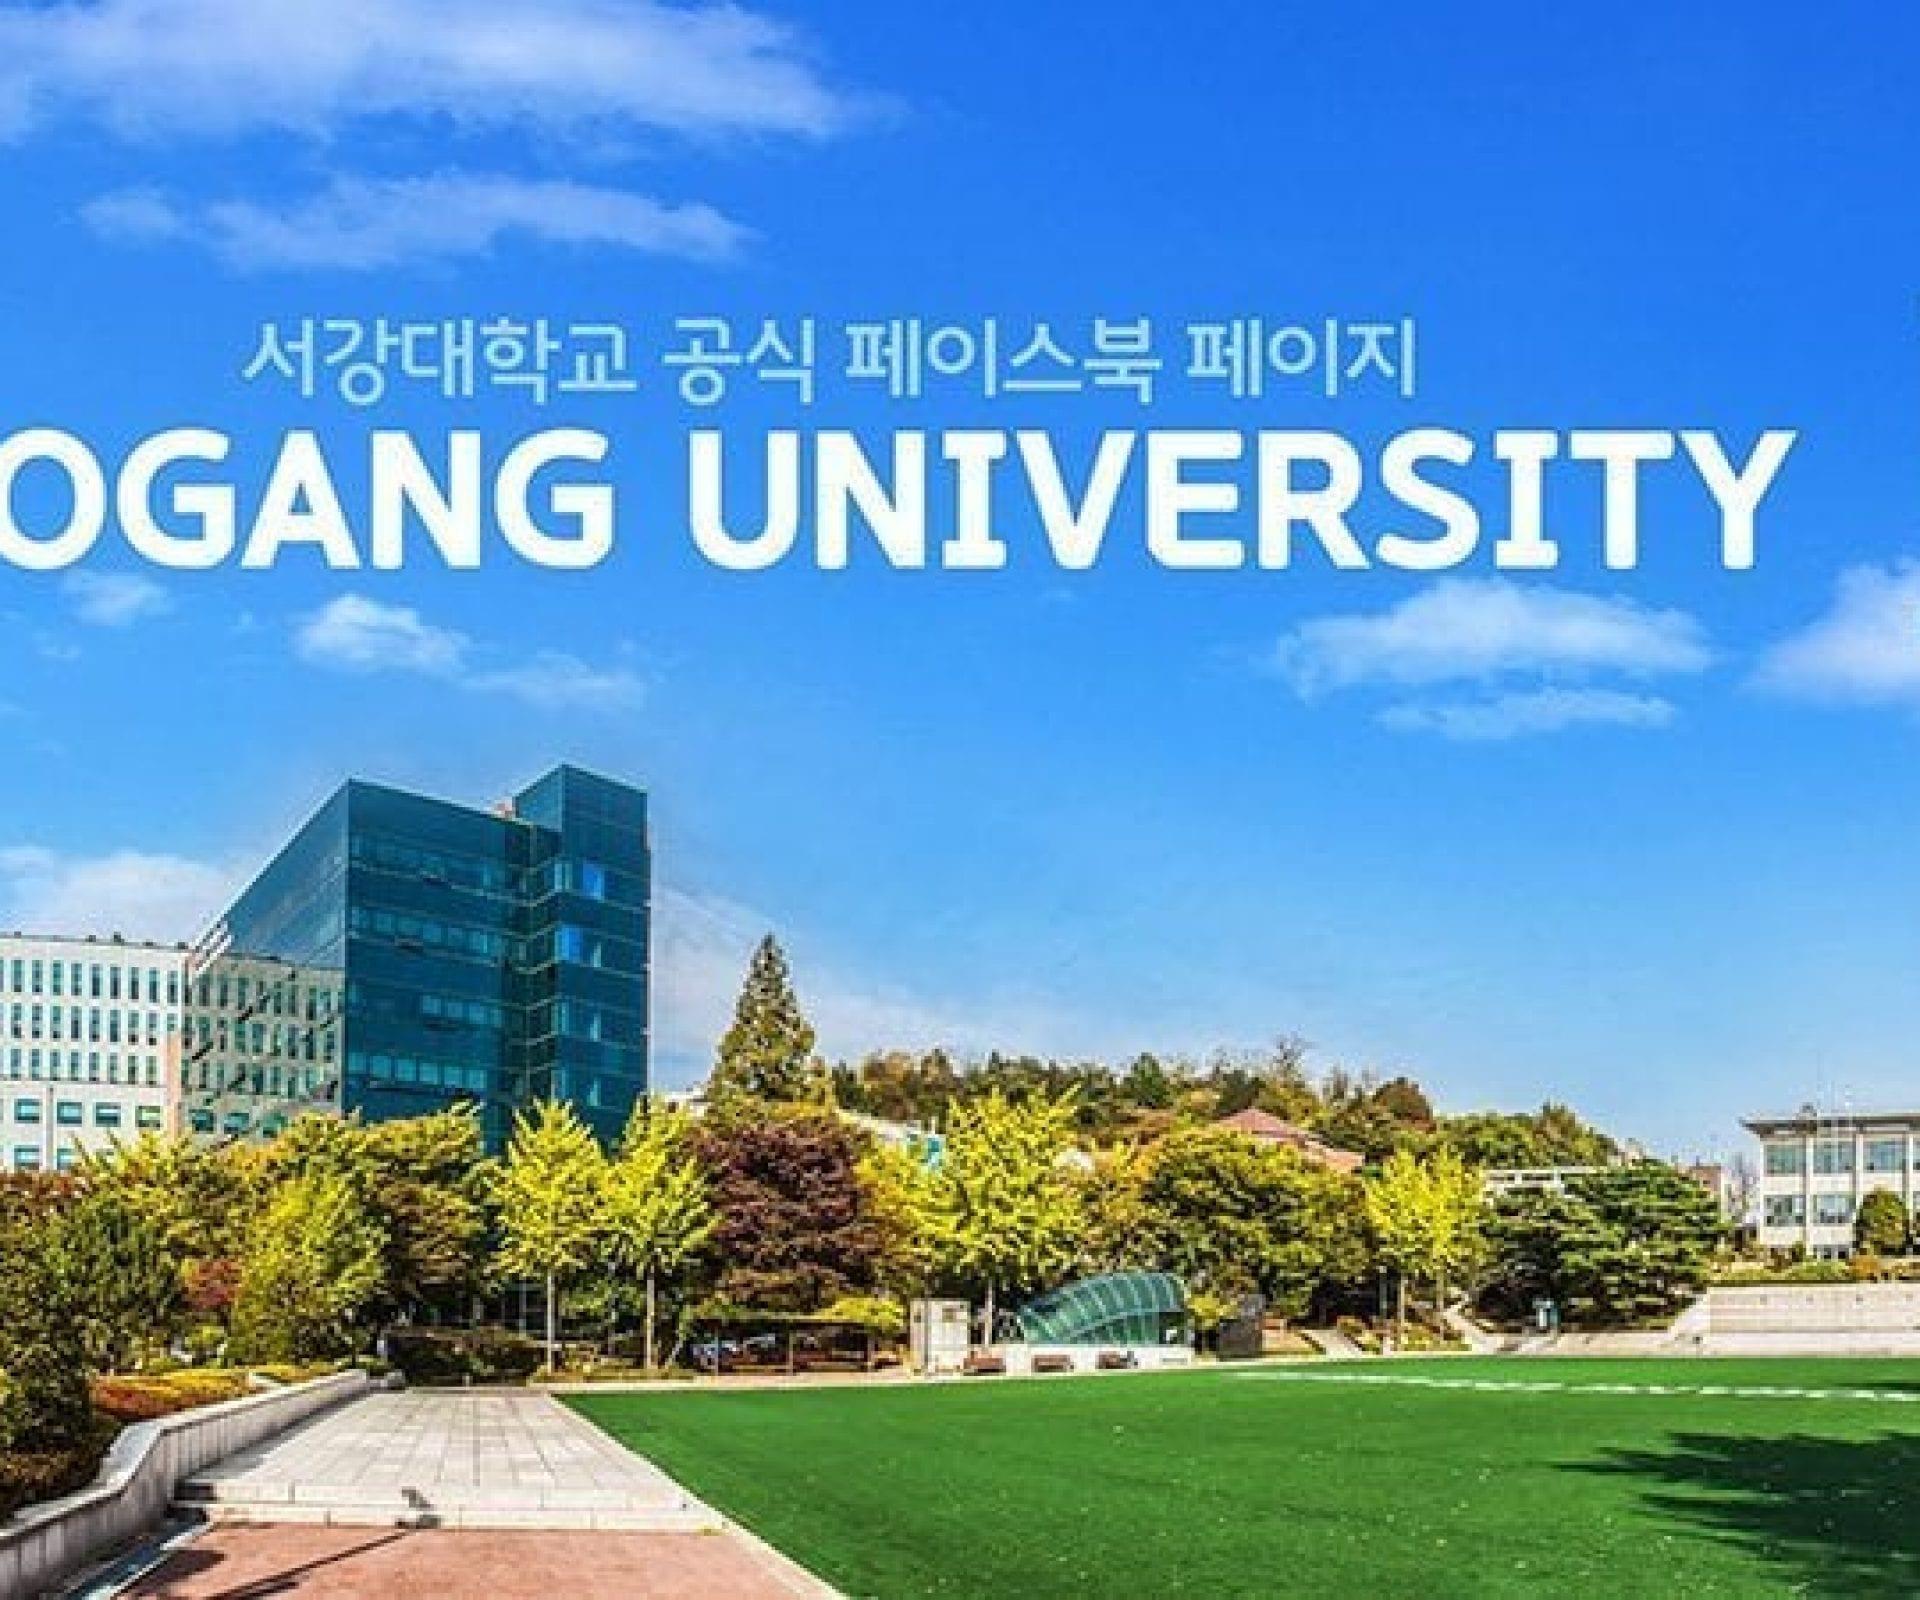 Sogang University | Mapo-gu, Seoul